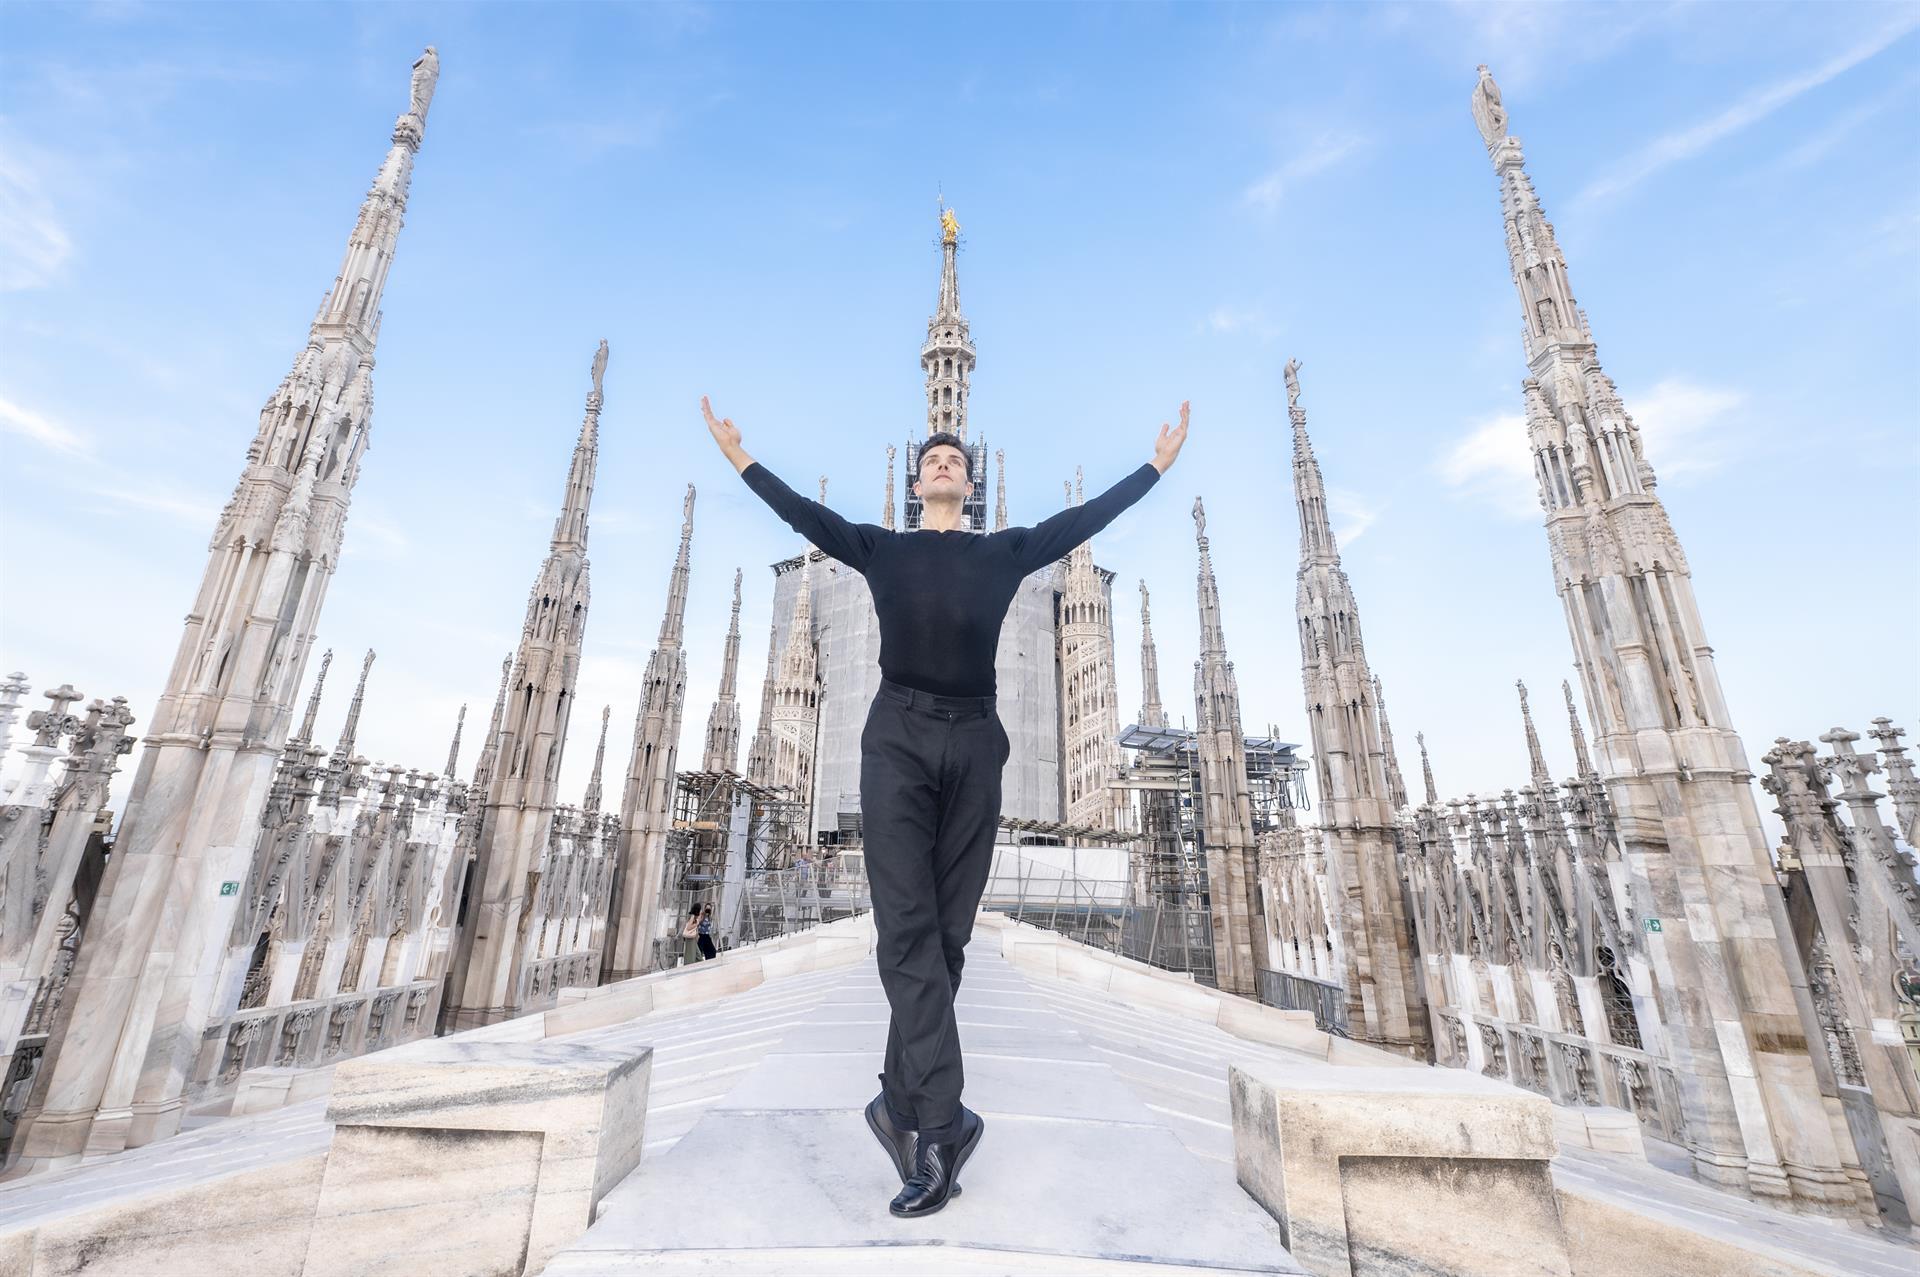 Roberto Bolle Sulle Terrazze Del Duomo 1 © Francesco Prandoni